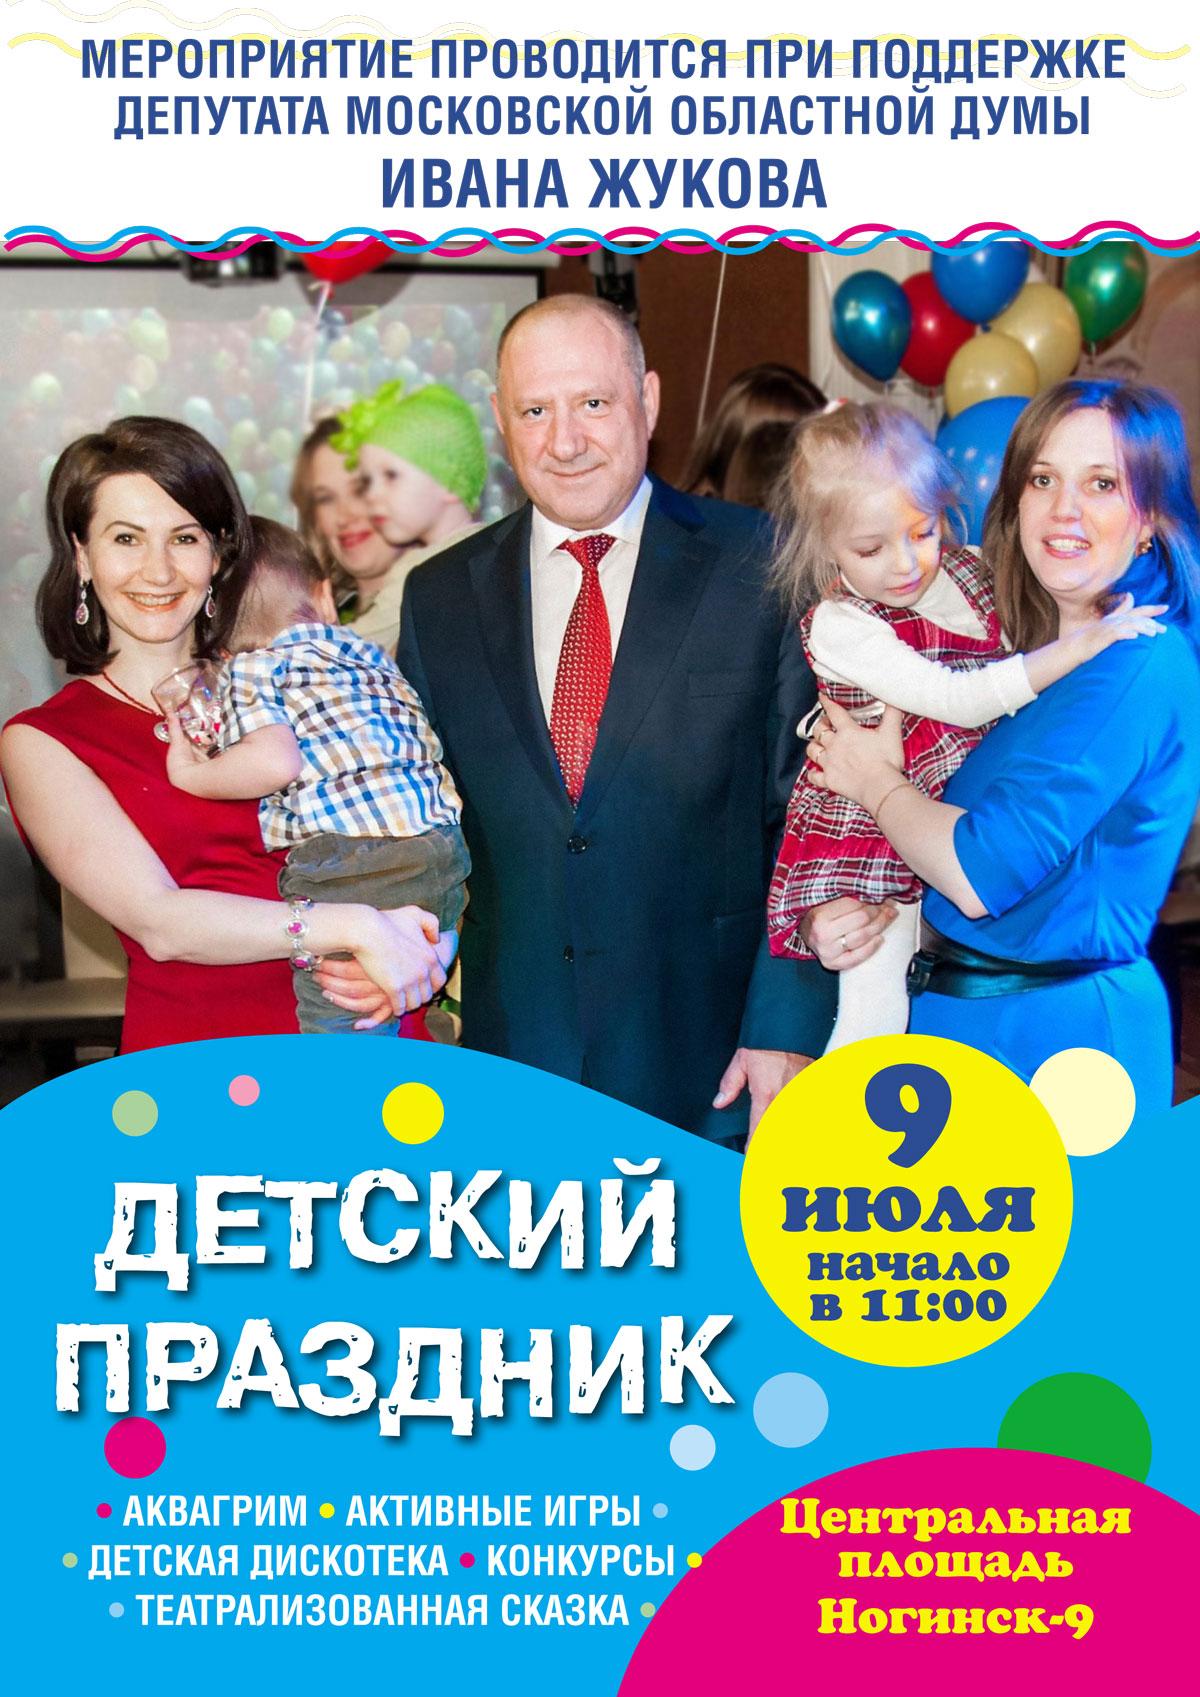 Детский праздник в Ногинск-9